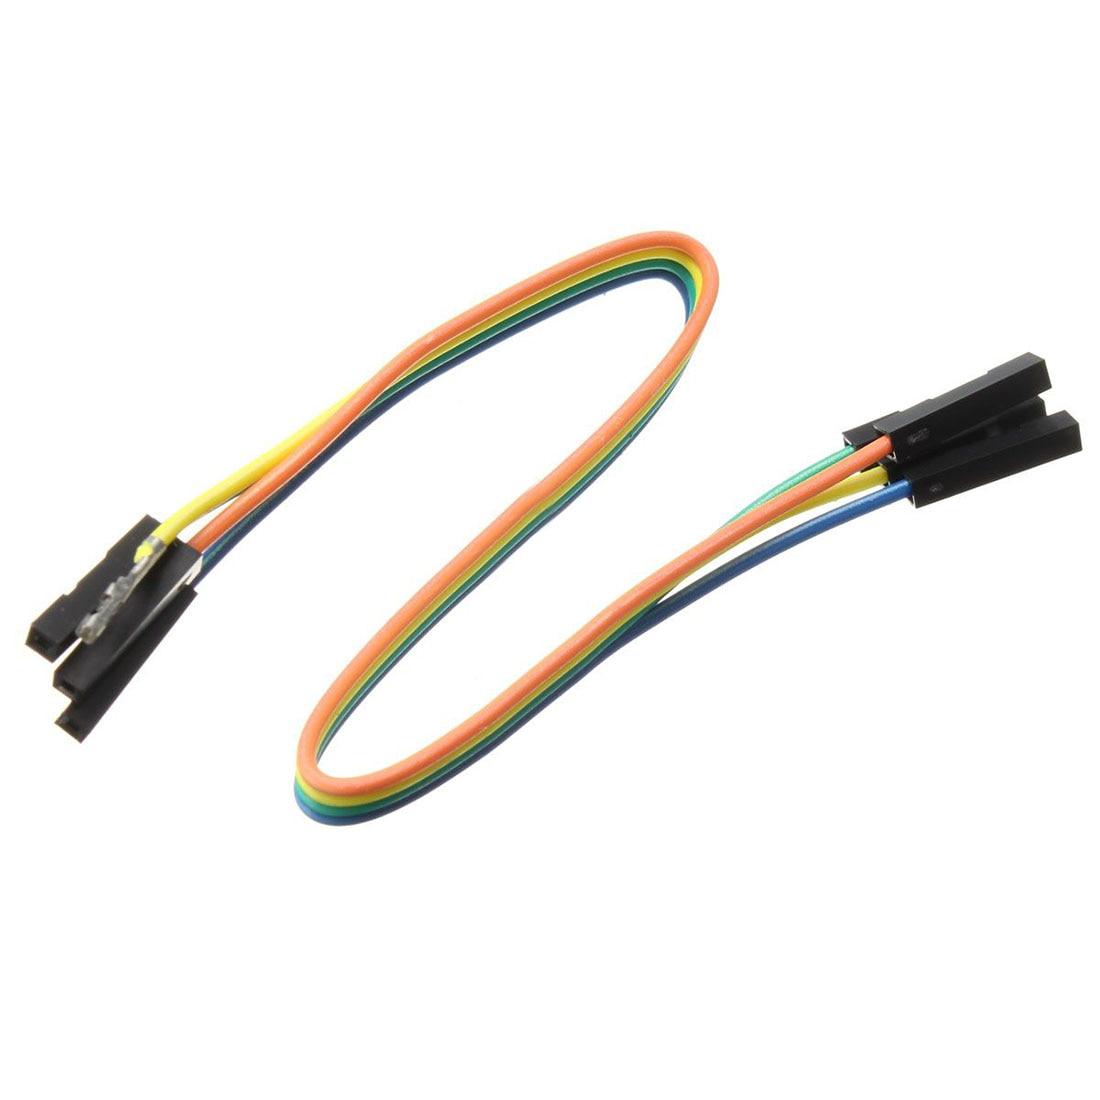 2 Packs PN532 NFC RFID V3 Module Kits for Arduino Android keyes pn532 nfc card module for arduino raspberry pi